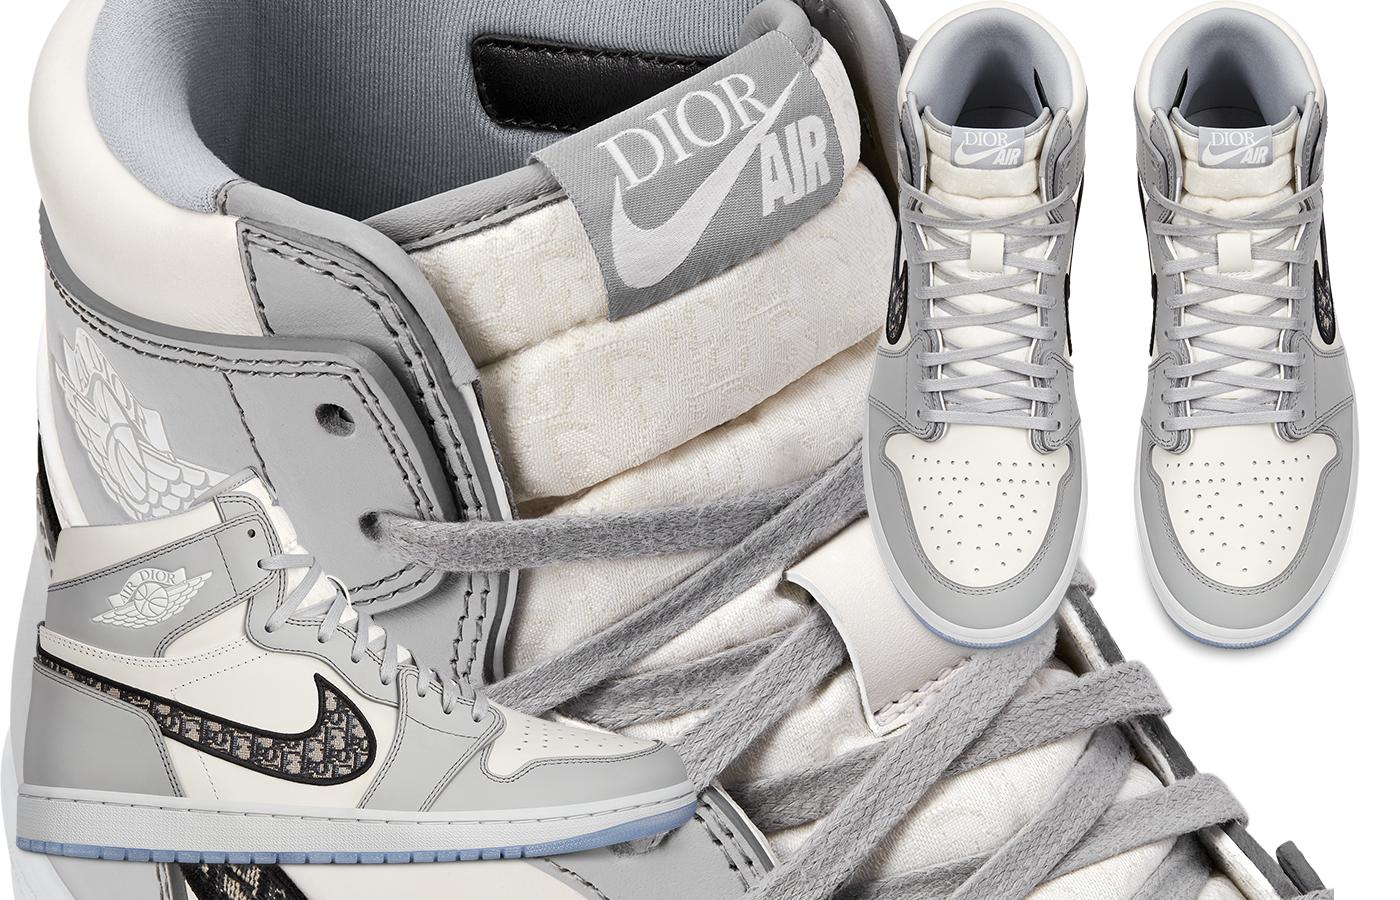 Dior X Jordan trainers – GLASS HK